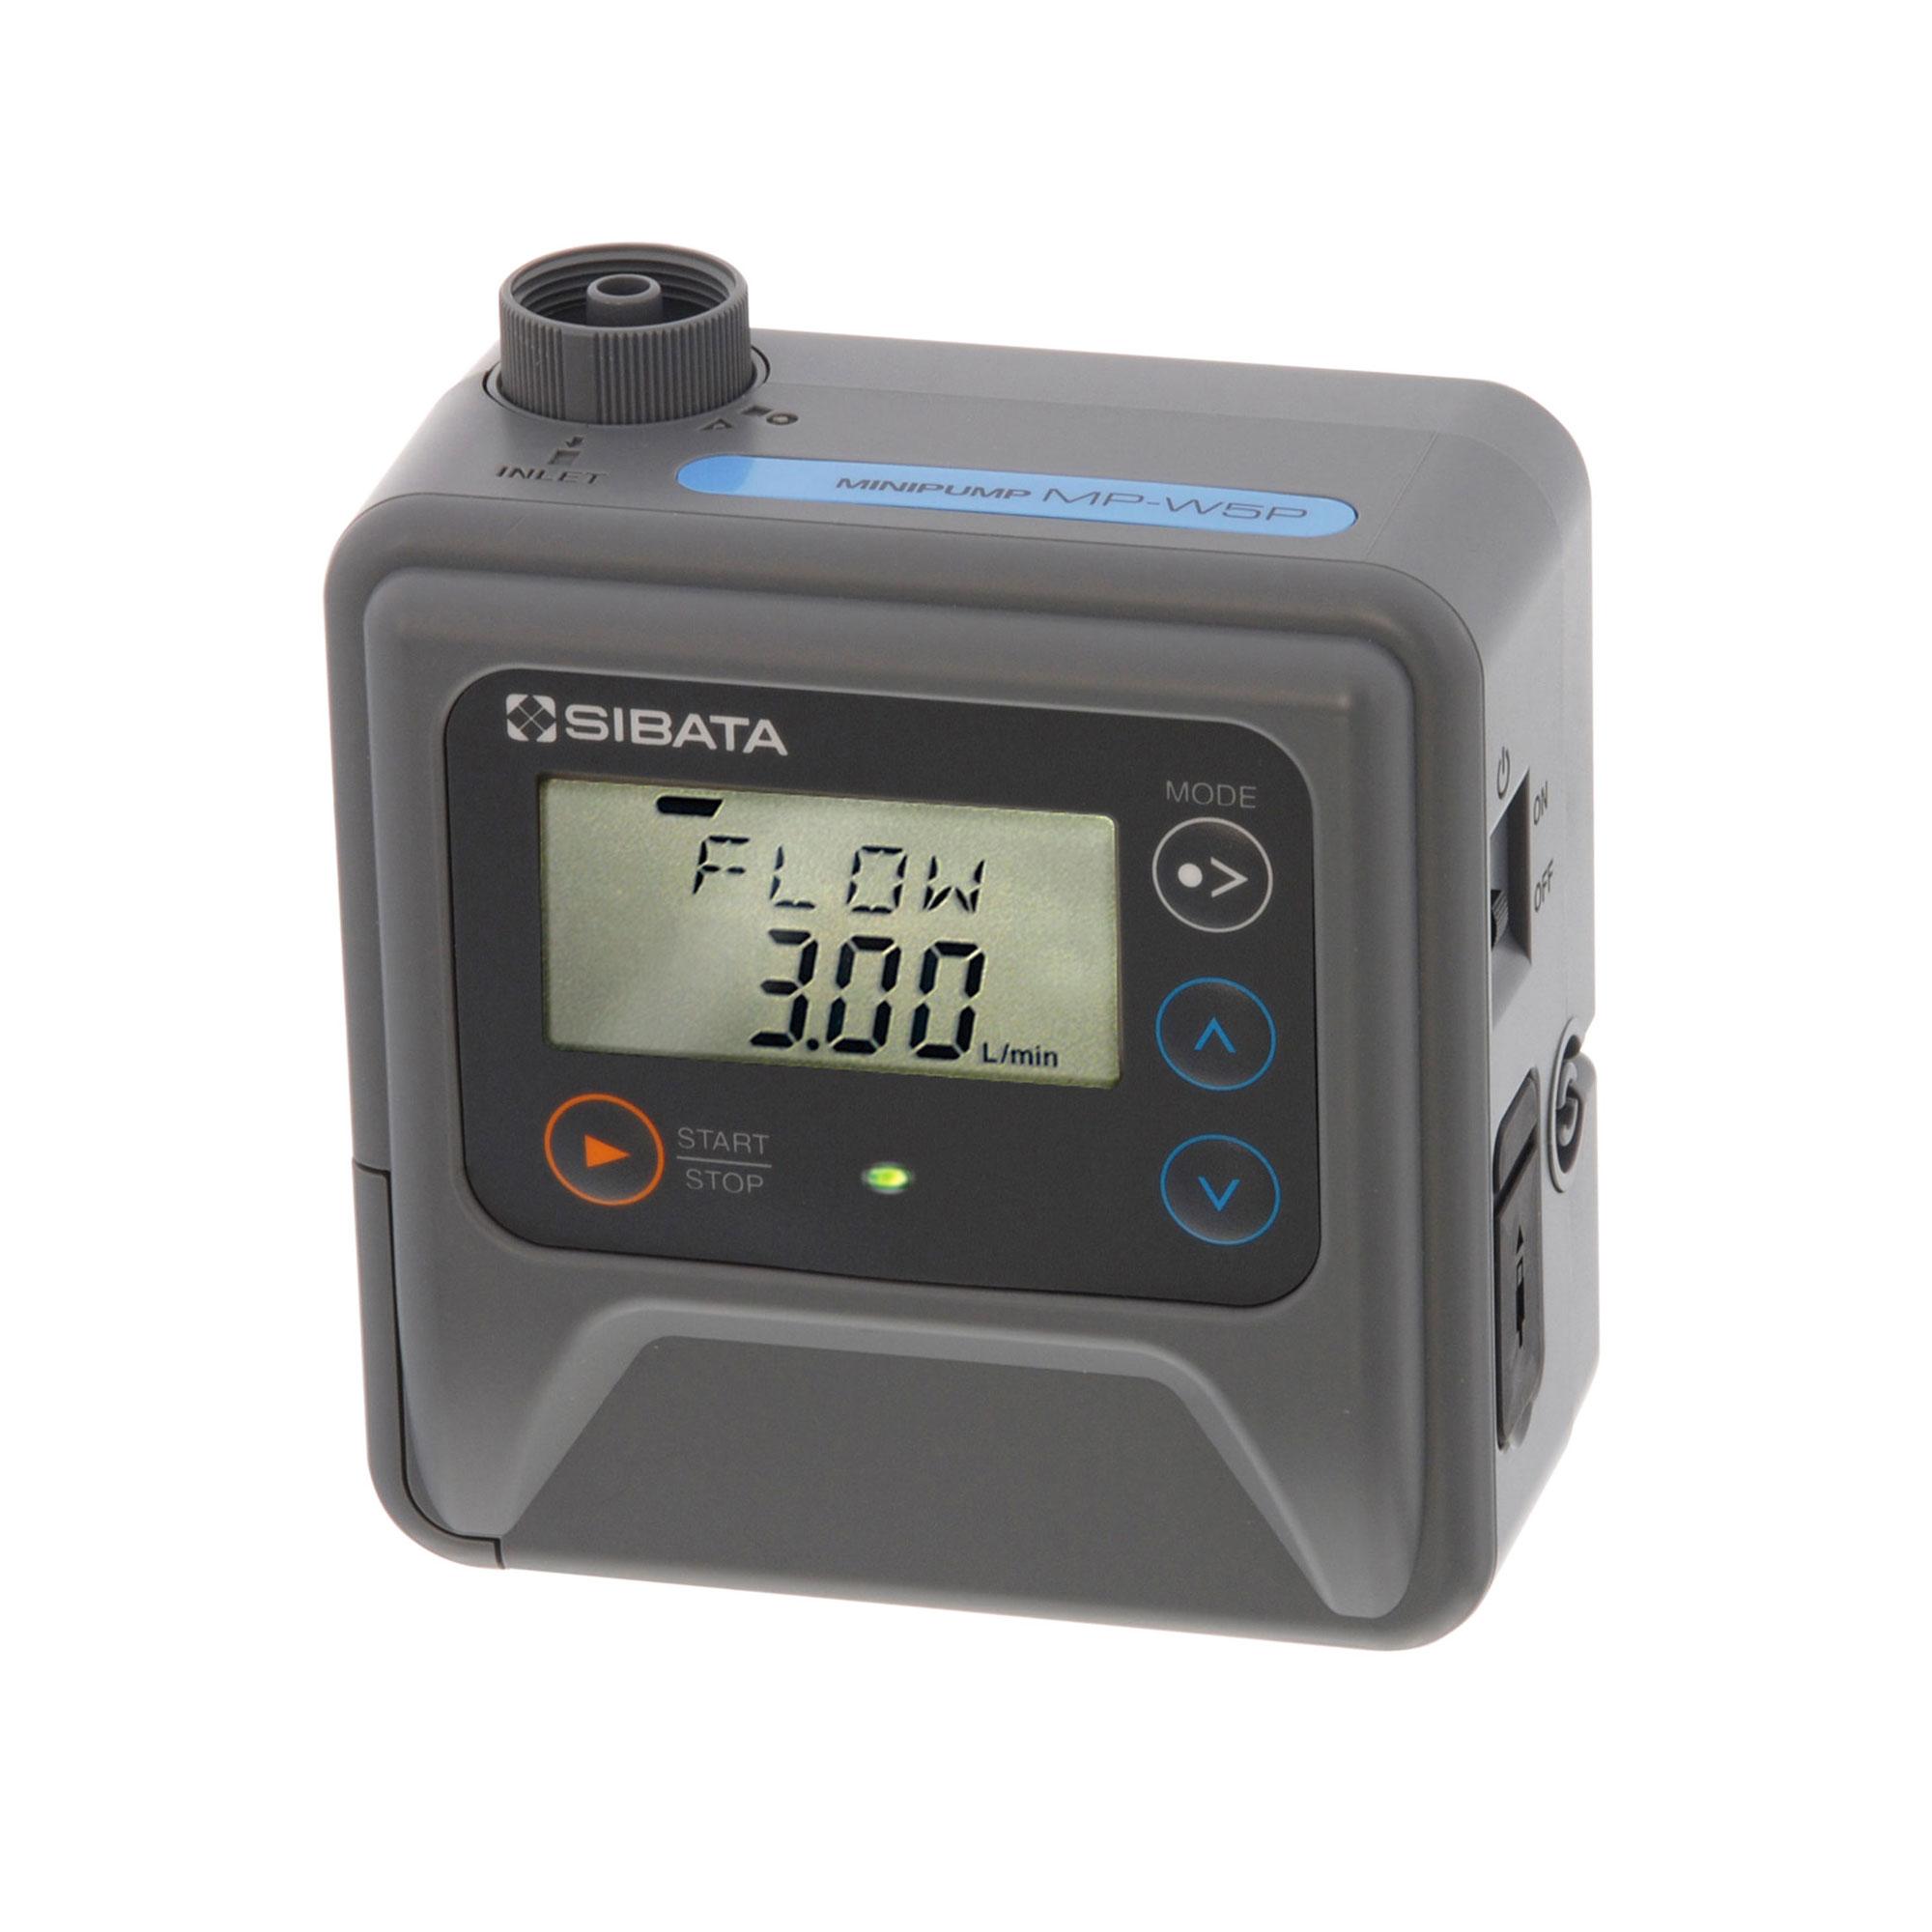 080860-5050 ミニポンプ MP-W5P 柴田科学(SIBATA)